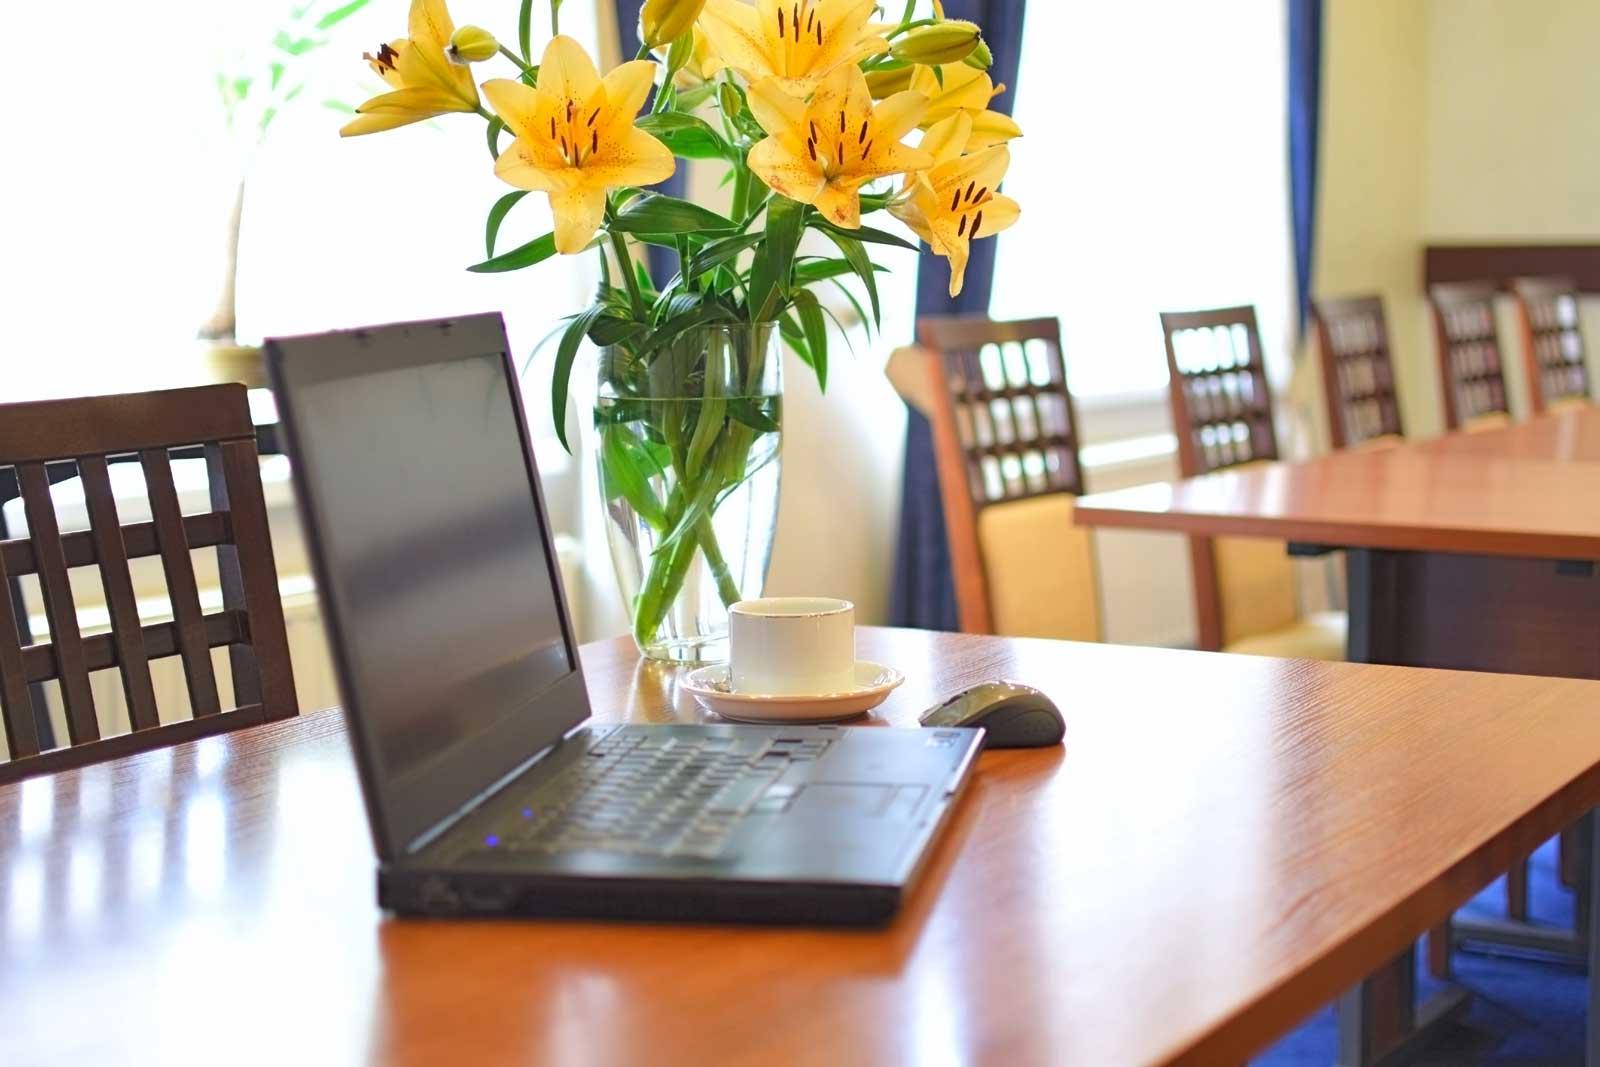 Tisch, Laptop, Maus, Blumen | schöner Arbeitsplatz